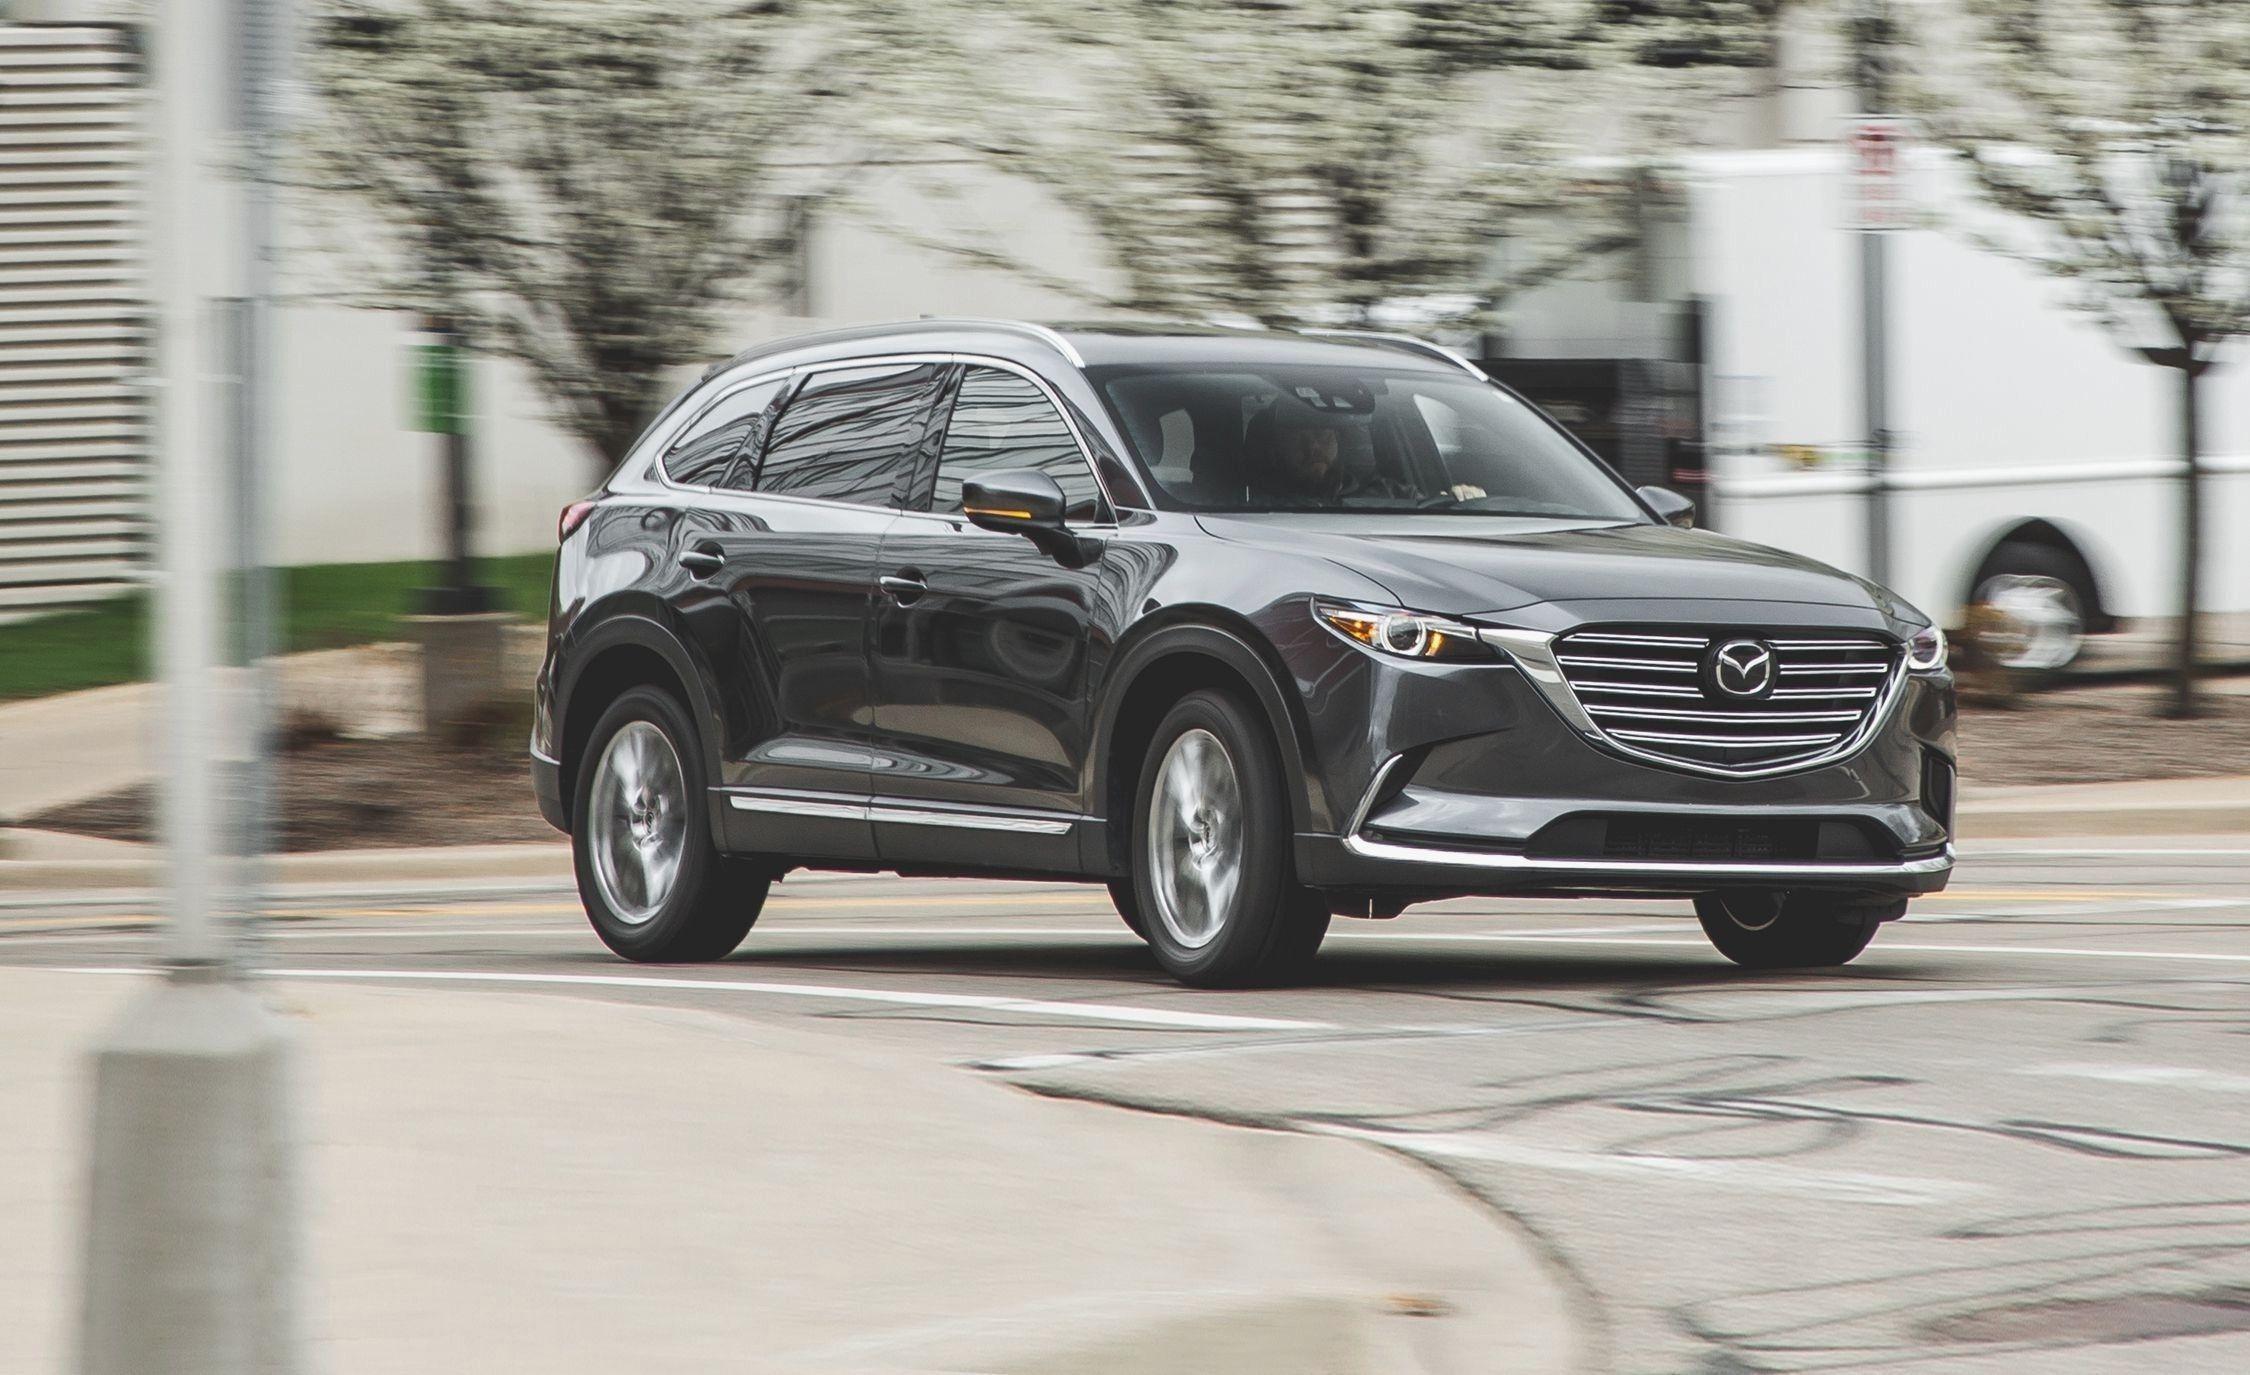 2018 Mazda Cx 9 Redesign Review 2017 Mazda Cx 5 Vs 2016 Mazda Cx 5